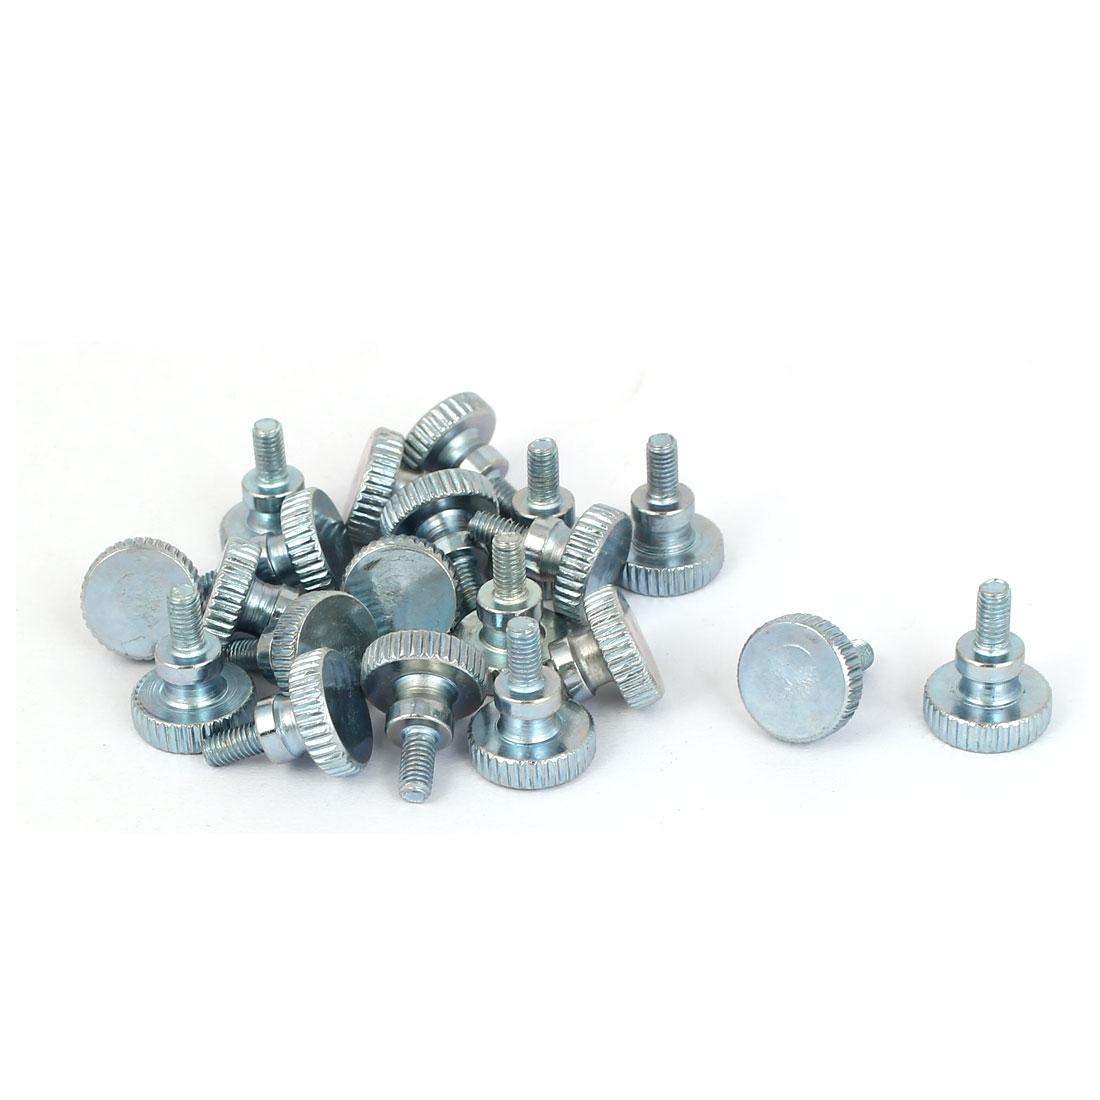 M3x6mm Carbon Steel Step Hand Screw Flat Knurled Head Thumb Bolts 20pcs